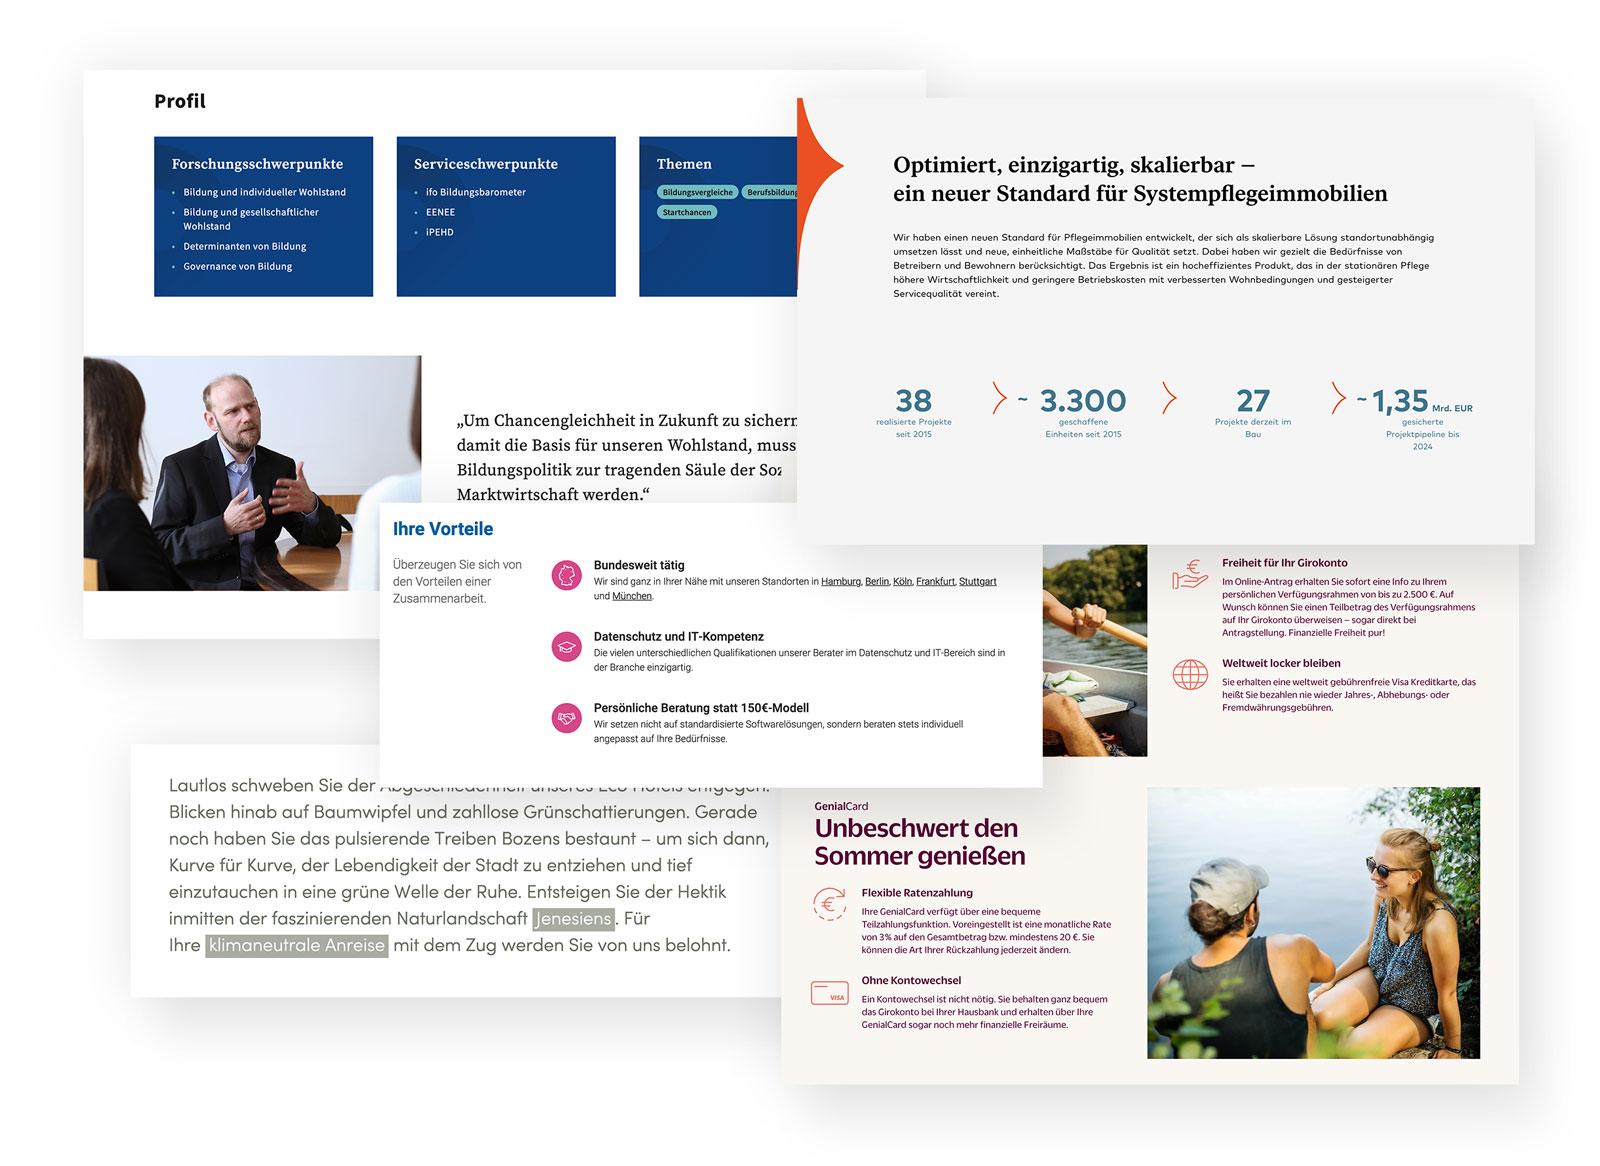 Tolel Layouts, gute Übersicht und Lesbarkeit – so geht moderndes Webdesign.